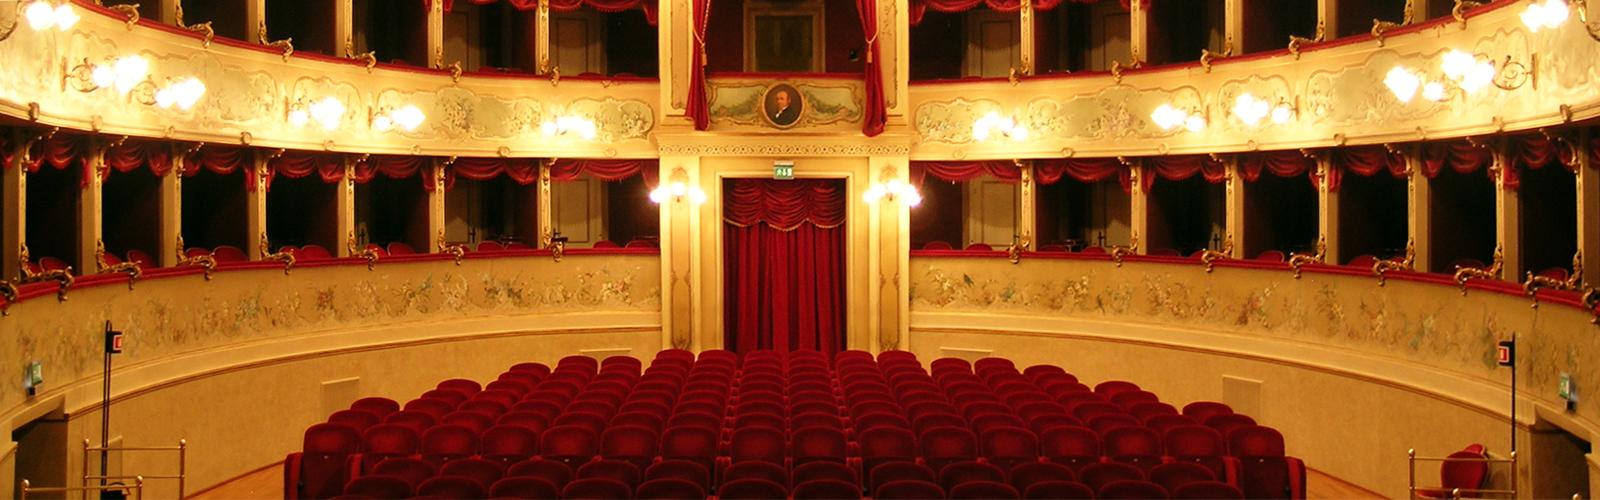 correggio_teatro-asioli